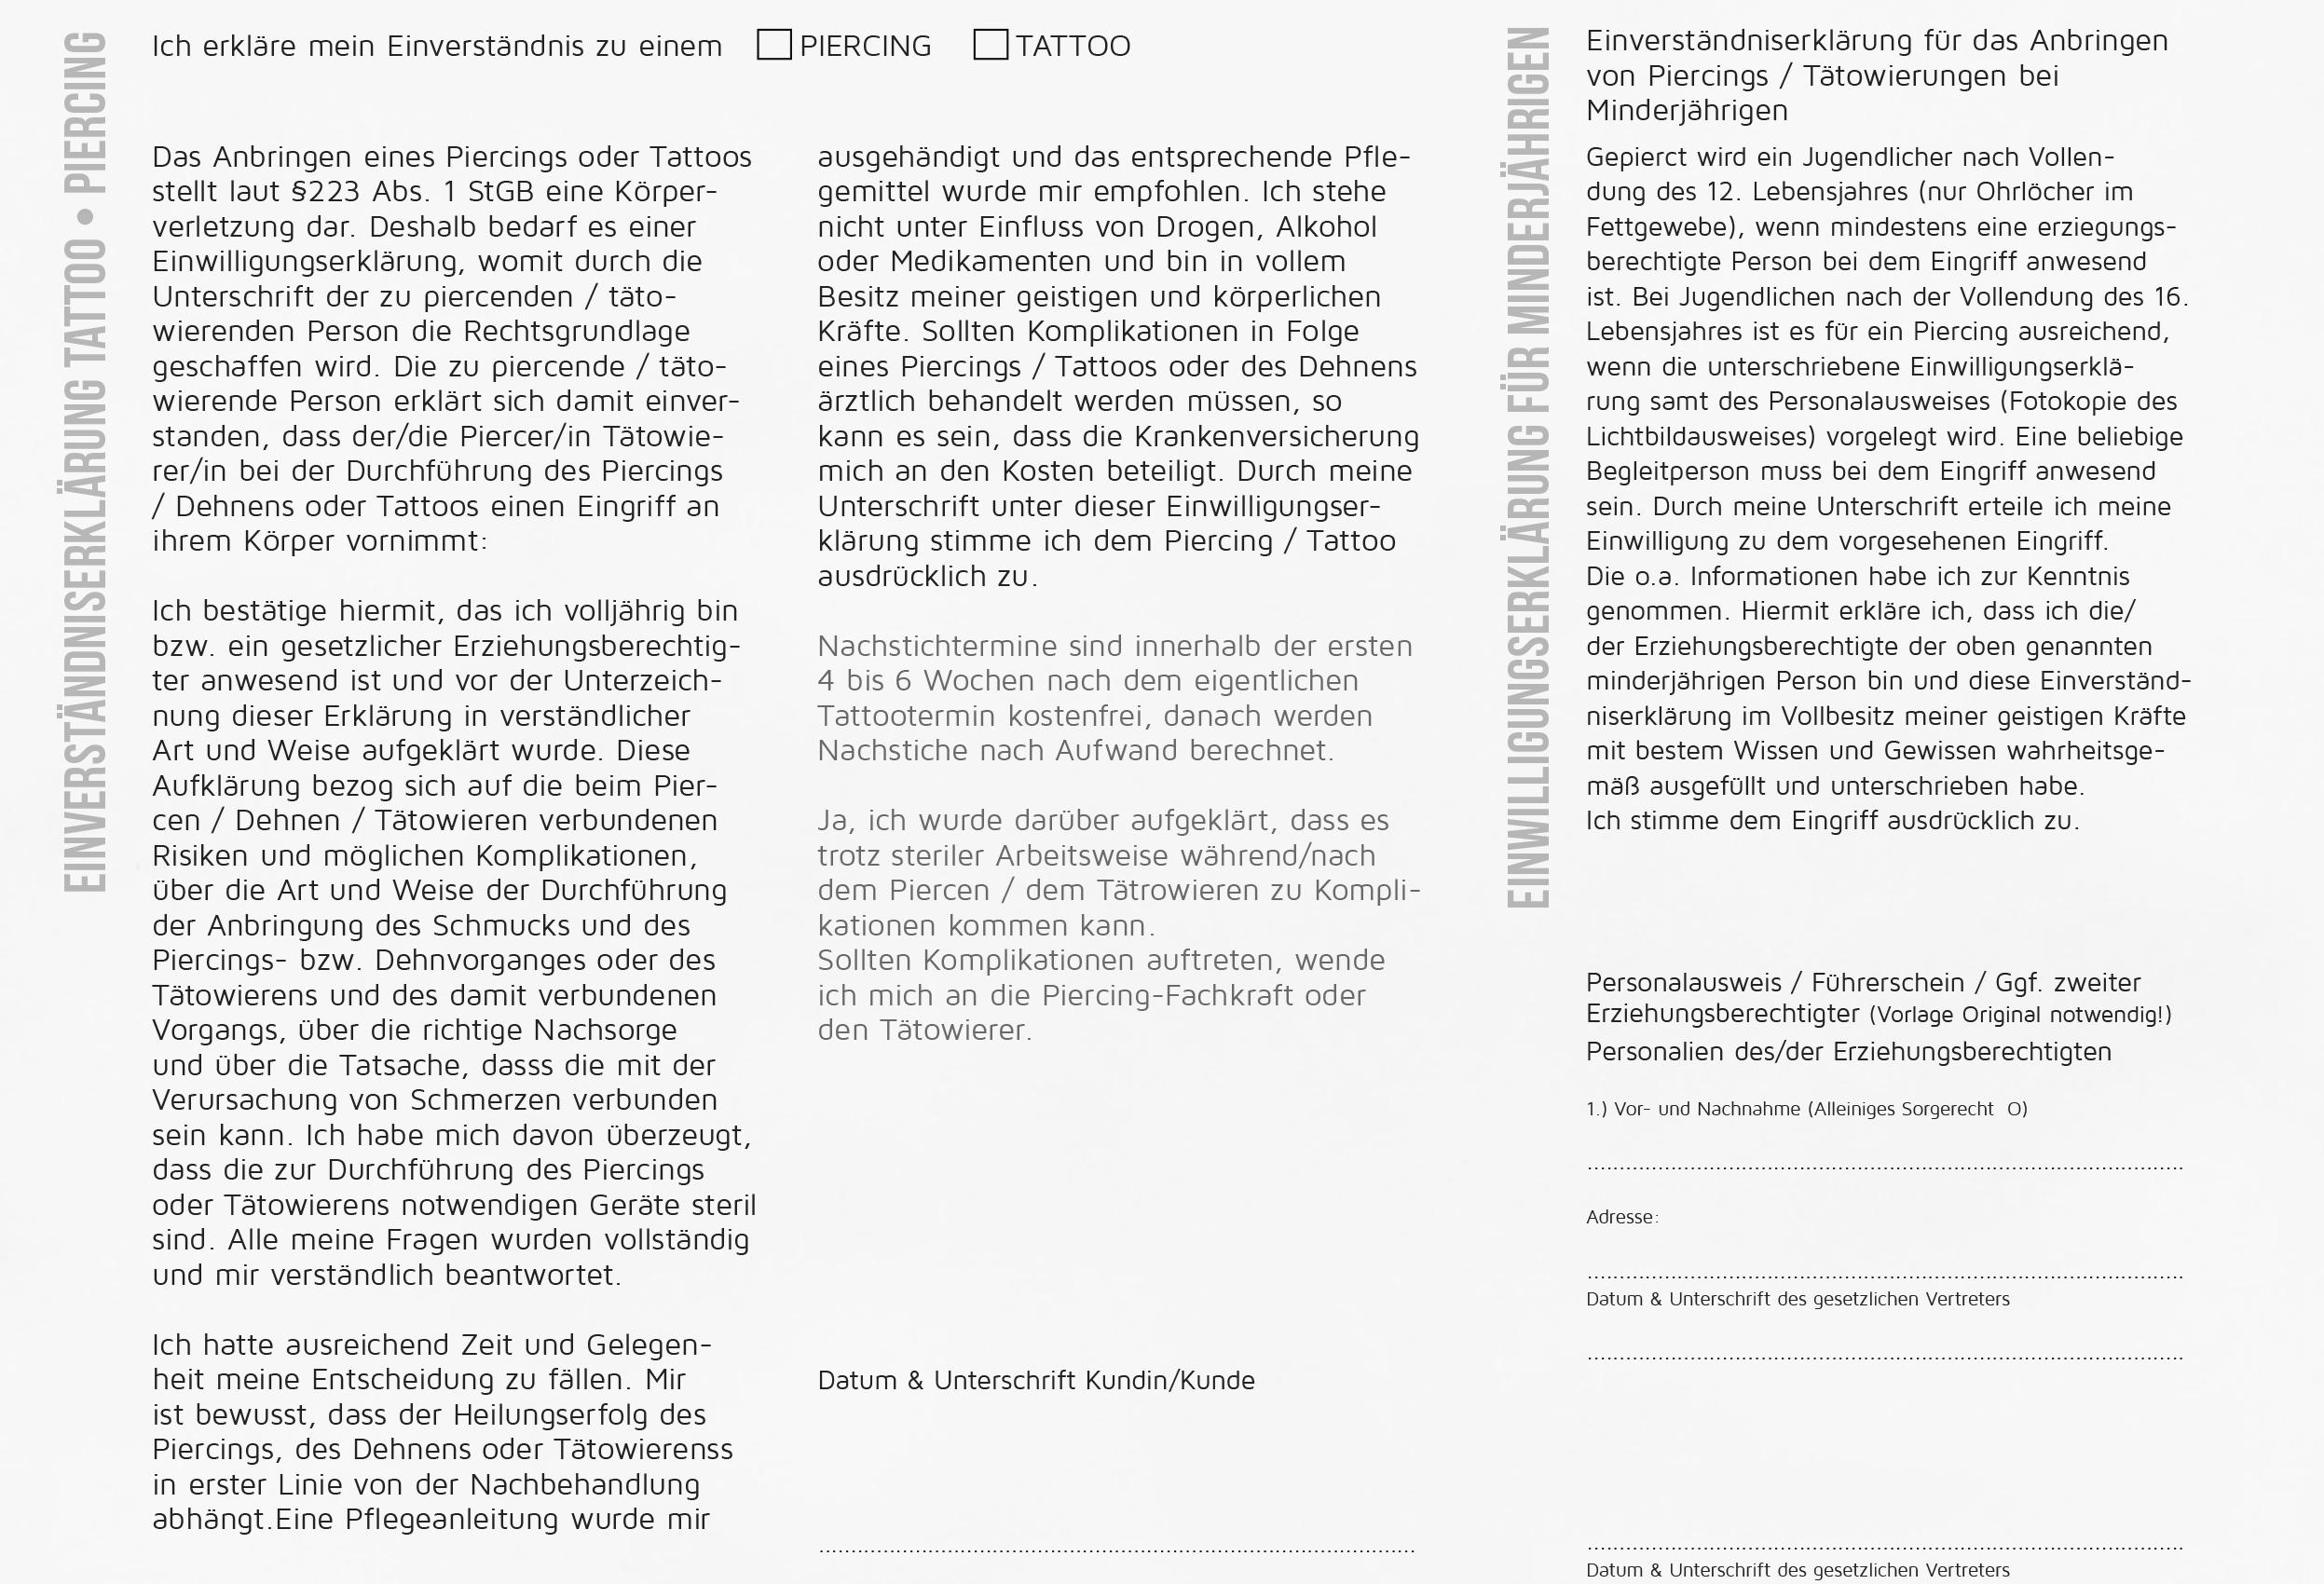 EV und  Pflegeanleitung 032018 TundP.jpg